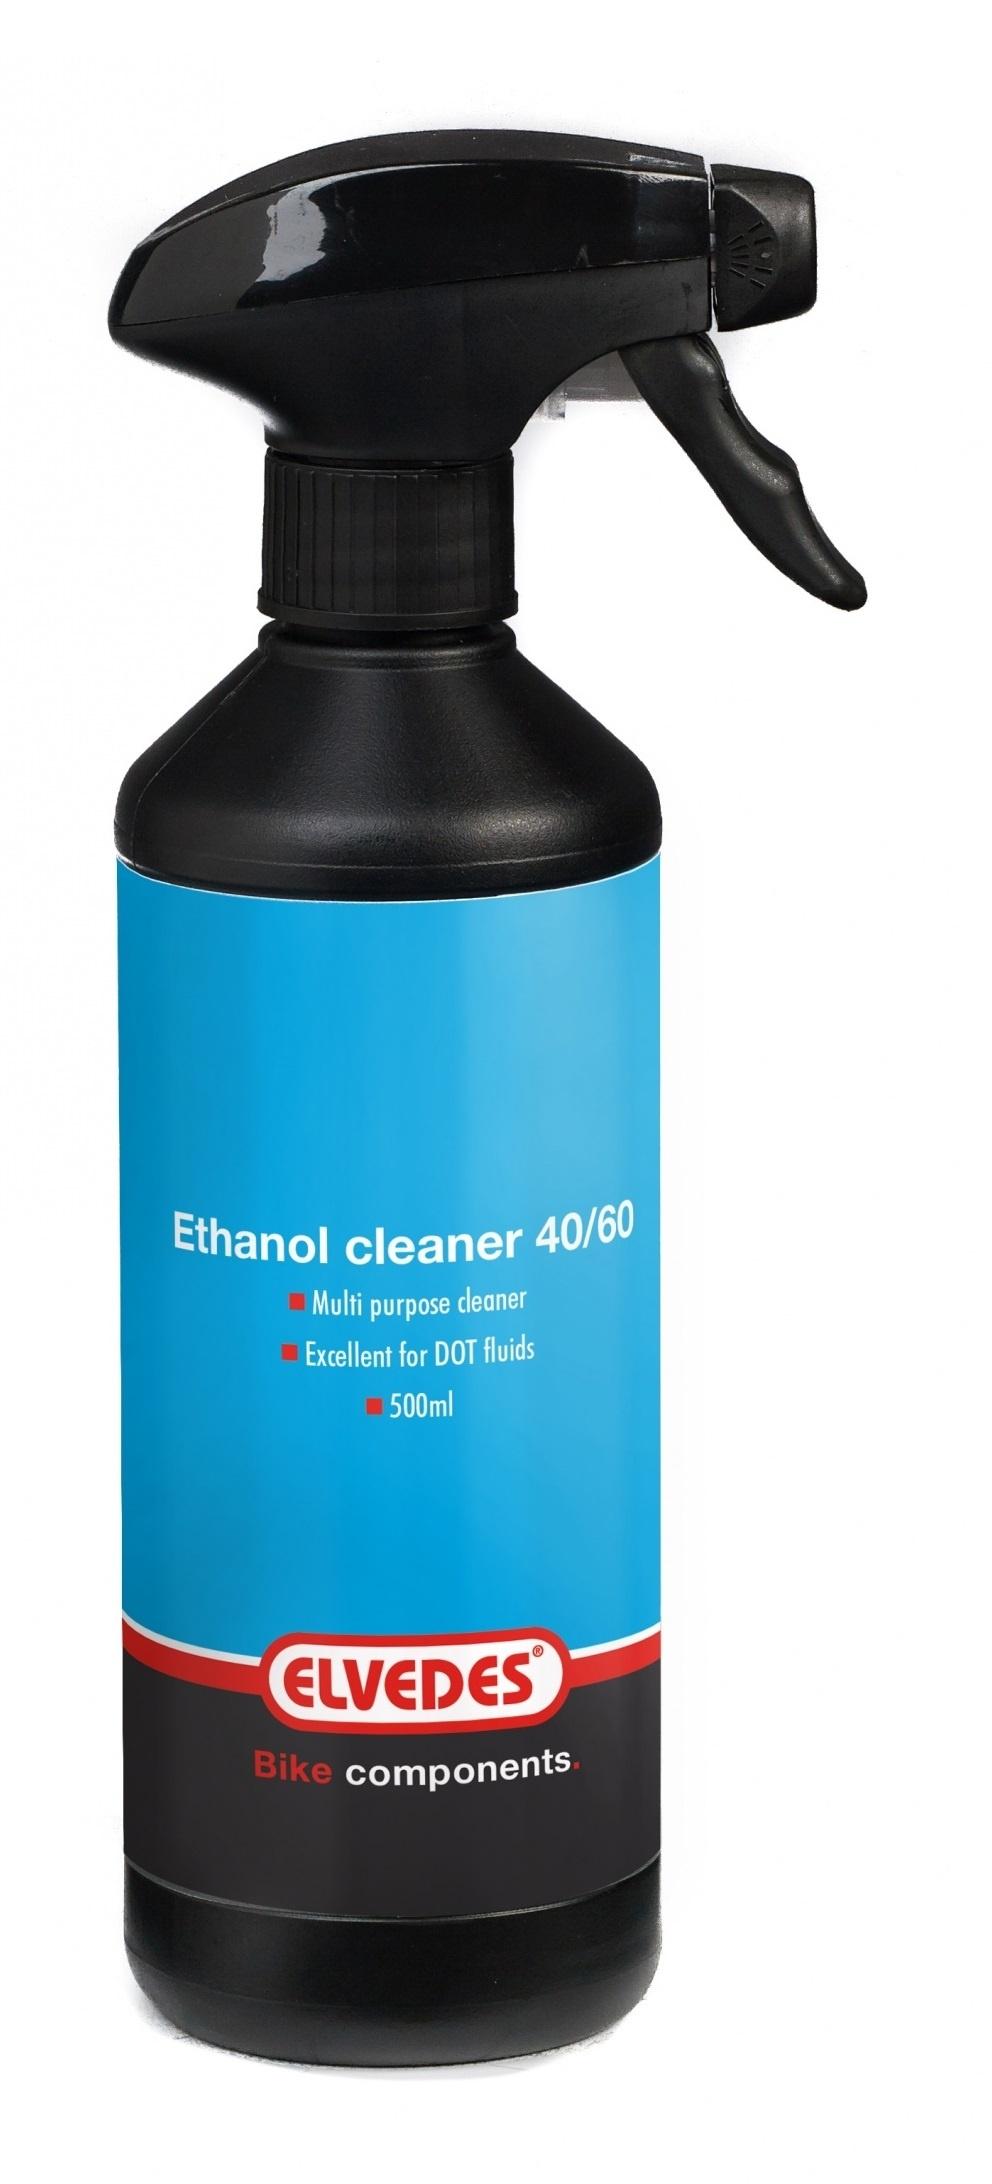 Elvedes ethanol cleaner 40/60 spray (500 ml)